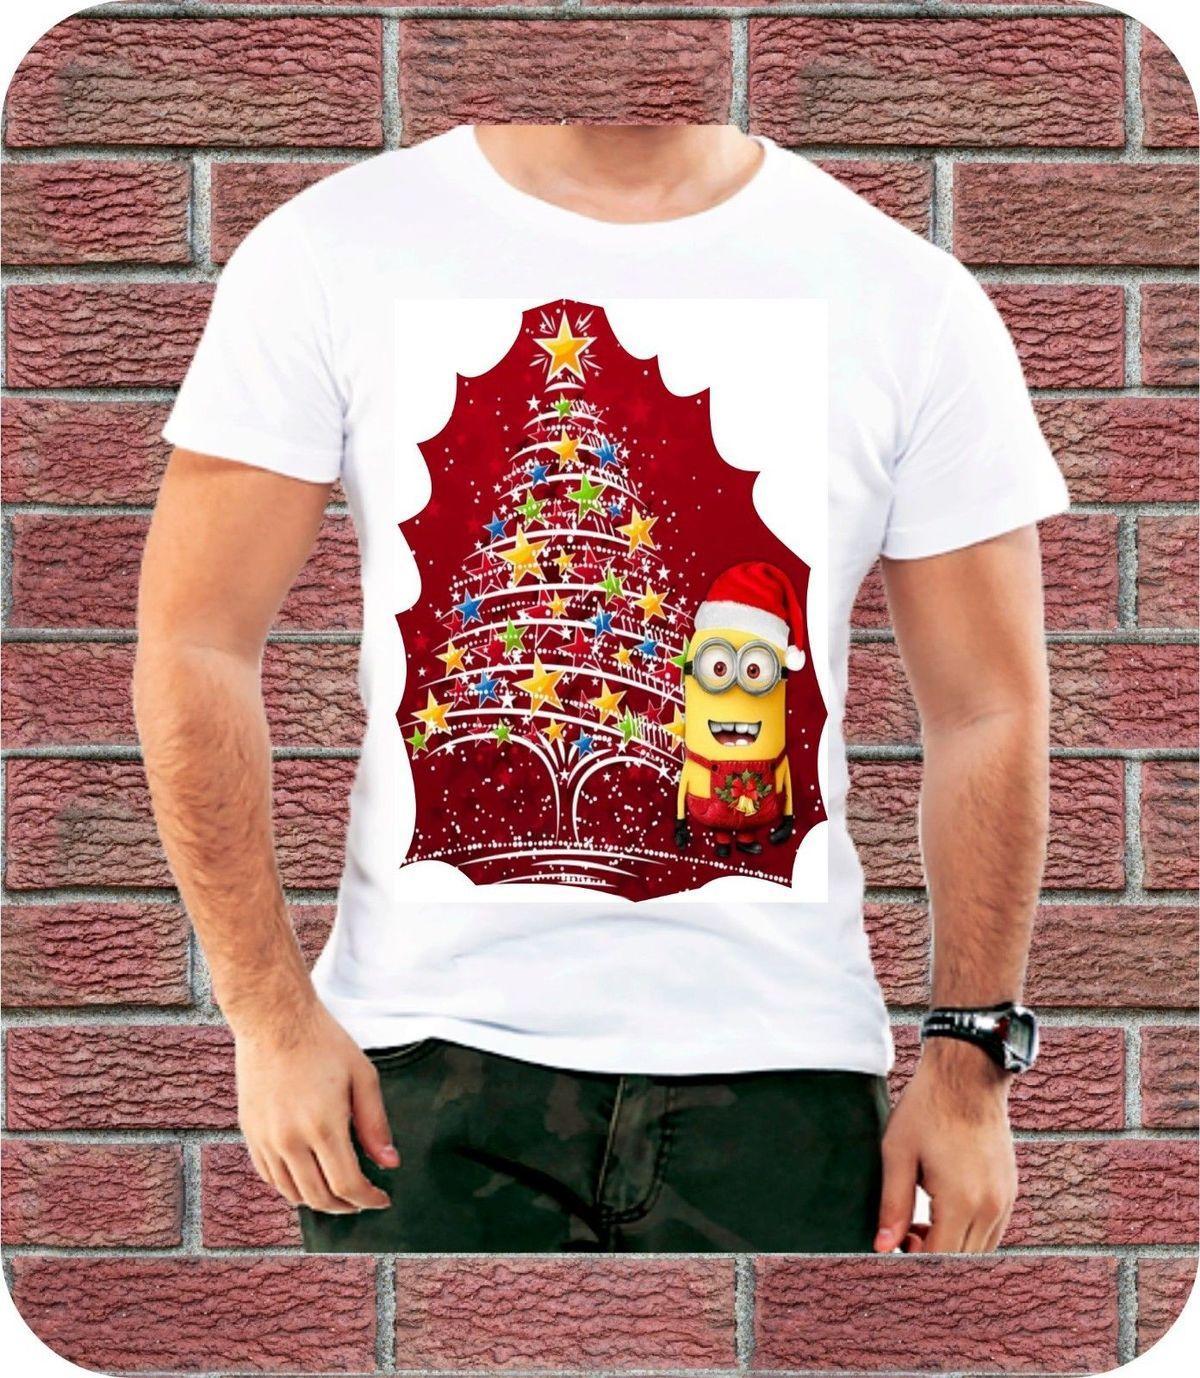 e6d8214b7b9e Großhandel Weihnachtsbaum Minions Männer T Shirt Neues Jahr Geschenk  Despicable Me Rot Lustige Tops Cool T Shirt Base Shirt Von Jingyan01,   11.48 Auf De.